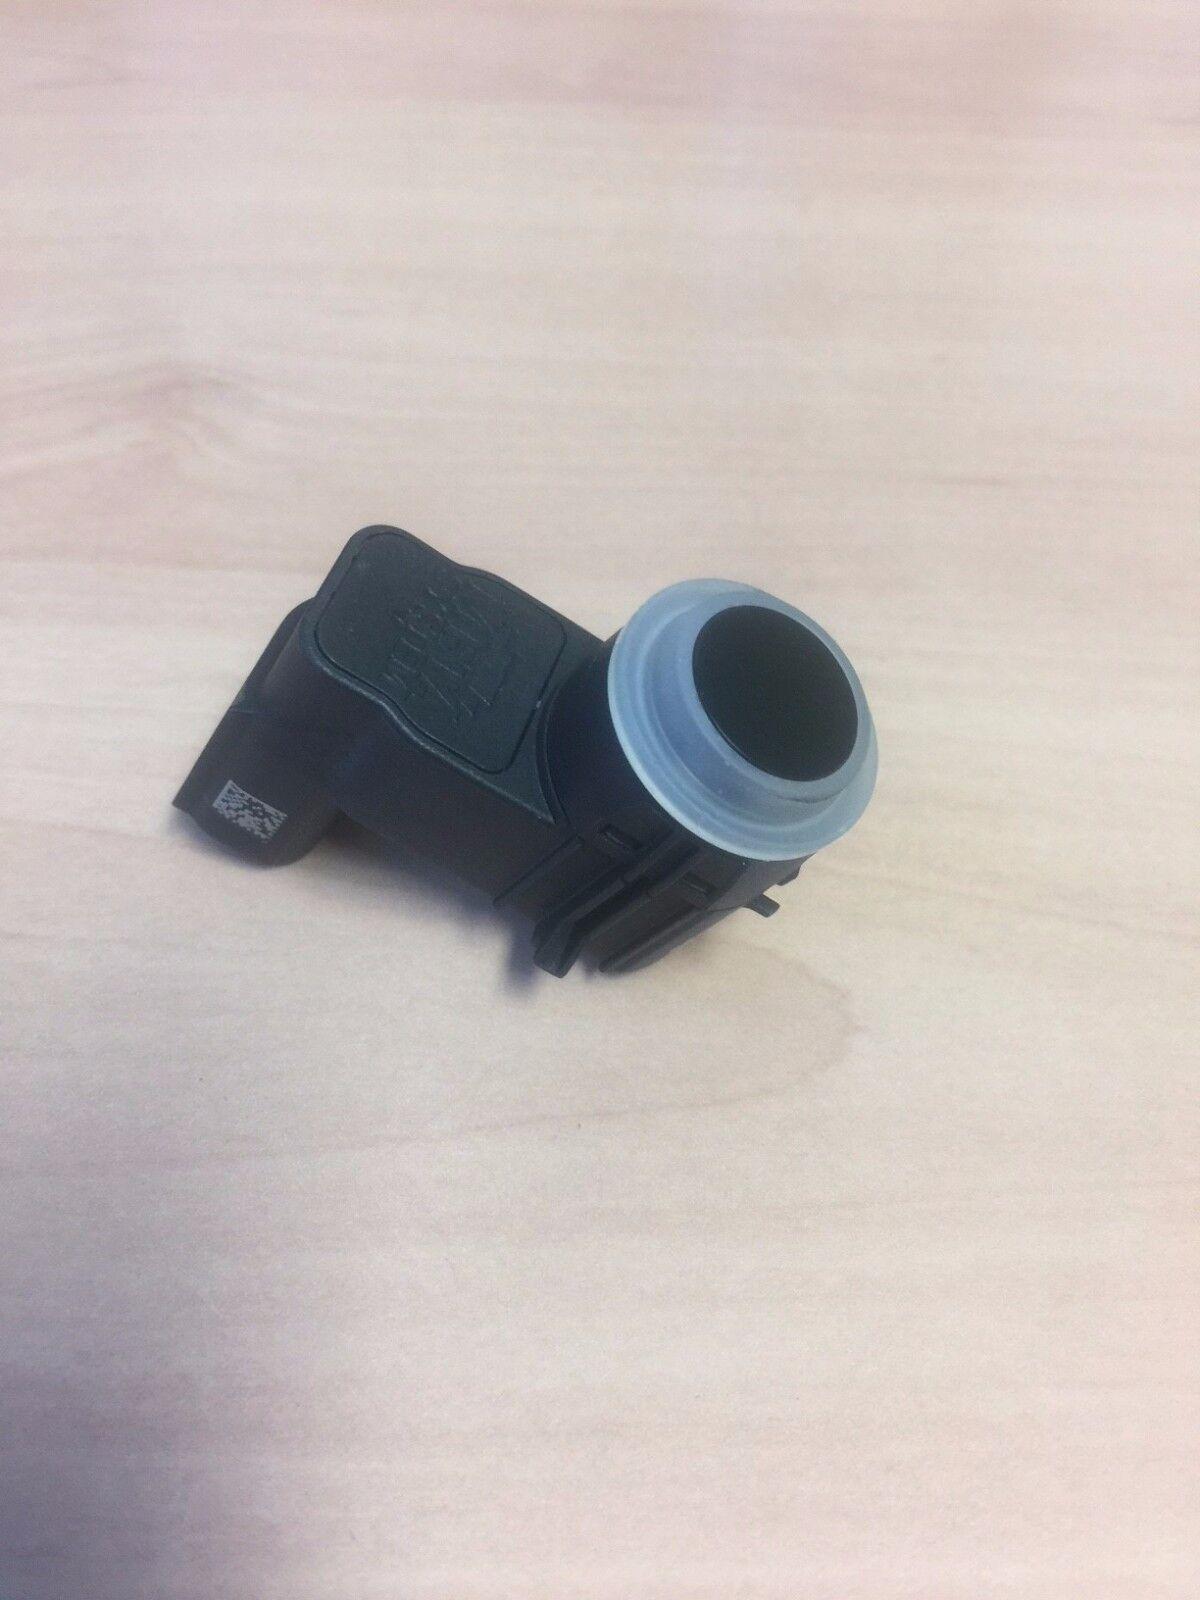 Citroen C3 /& DS3 Rear Parking Sensor 9677782980 Genuine Peugeot 3008 /& 5008